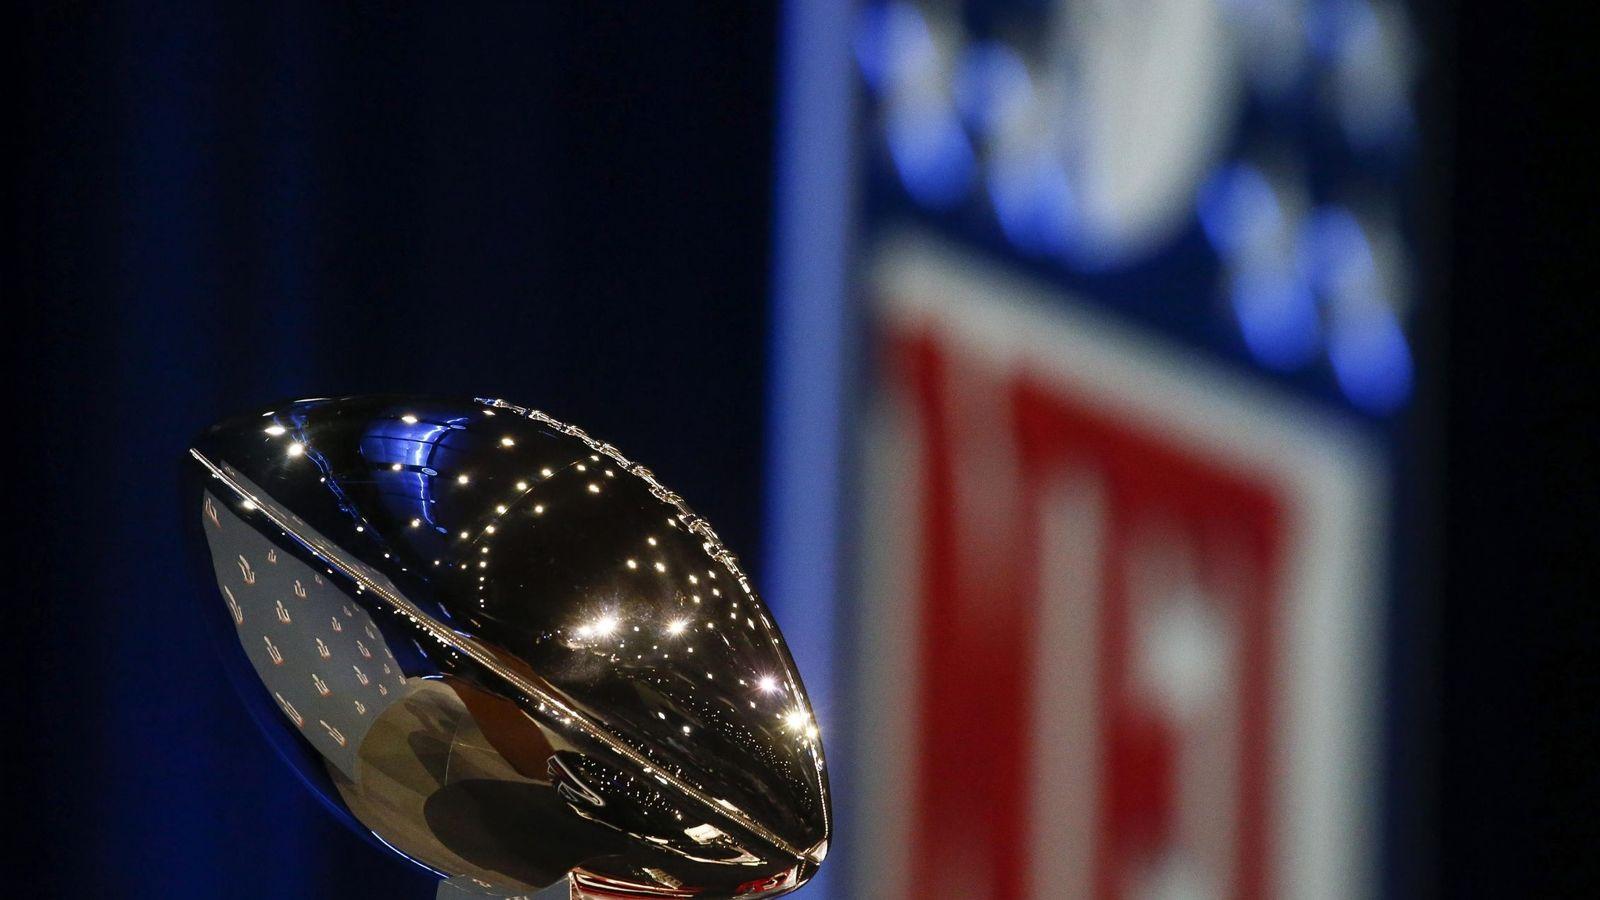 e46beb3c3b2cd Super Bowl  Guía rápida para quienes no saben de fútbol americano pero  quieren vivir la Super Bowl